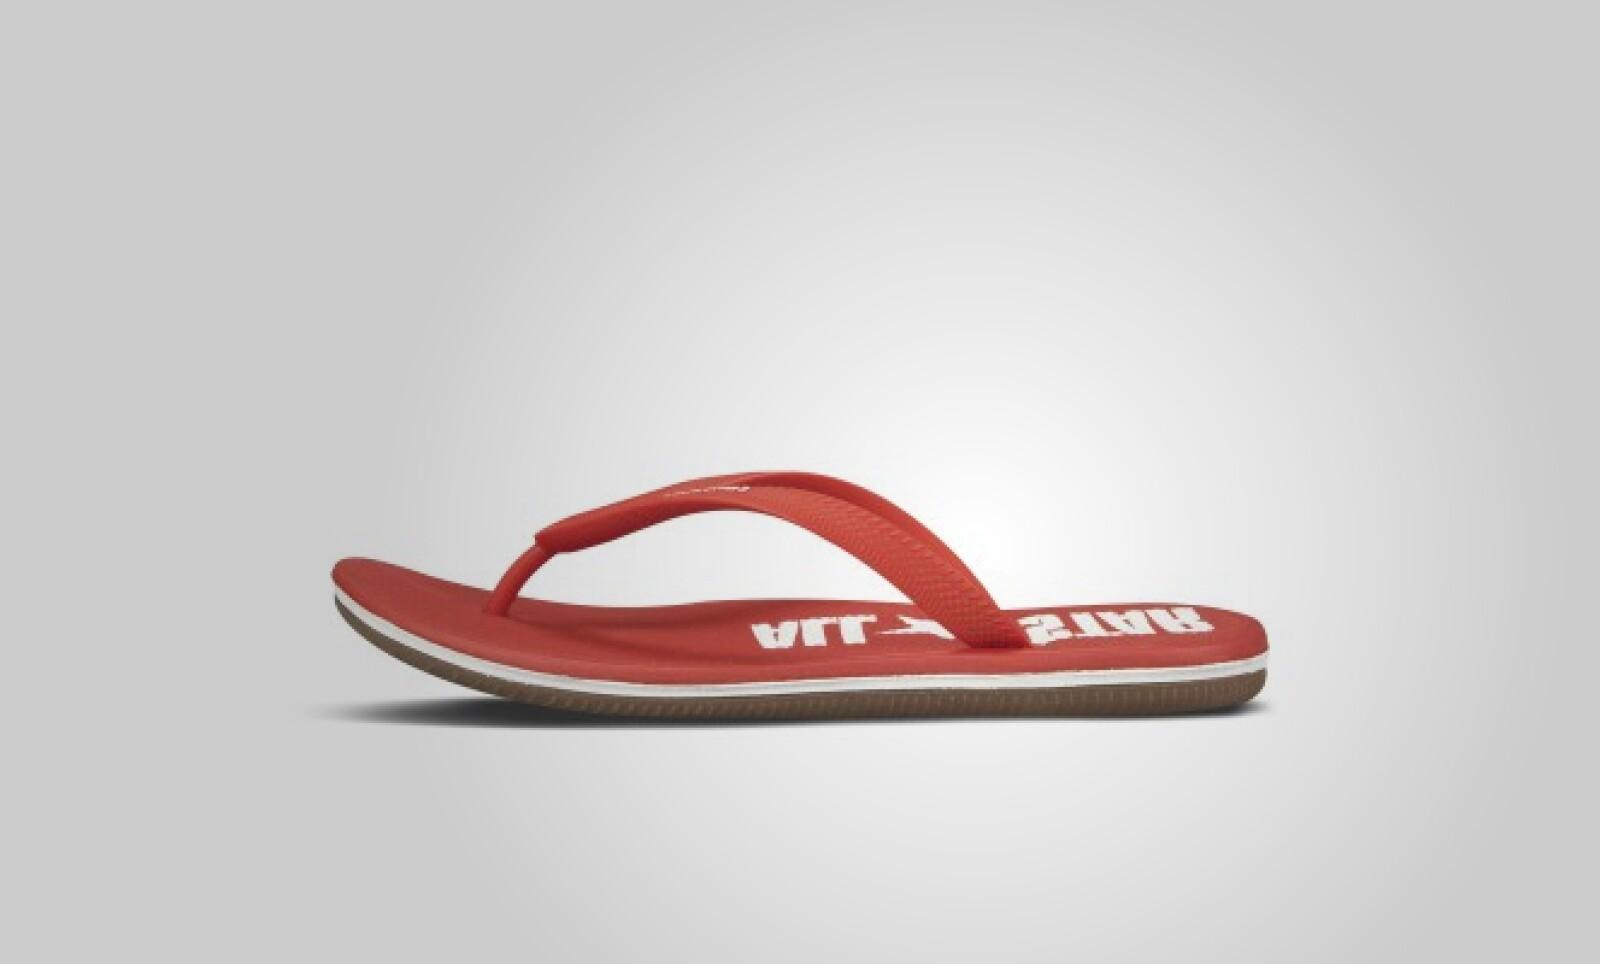 Ideales para la playa, estas sandalias también están disponibles en color negro, verde y azul.